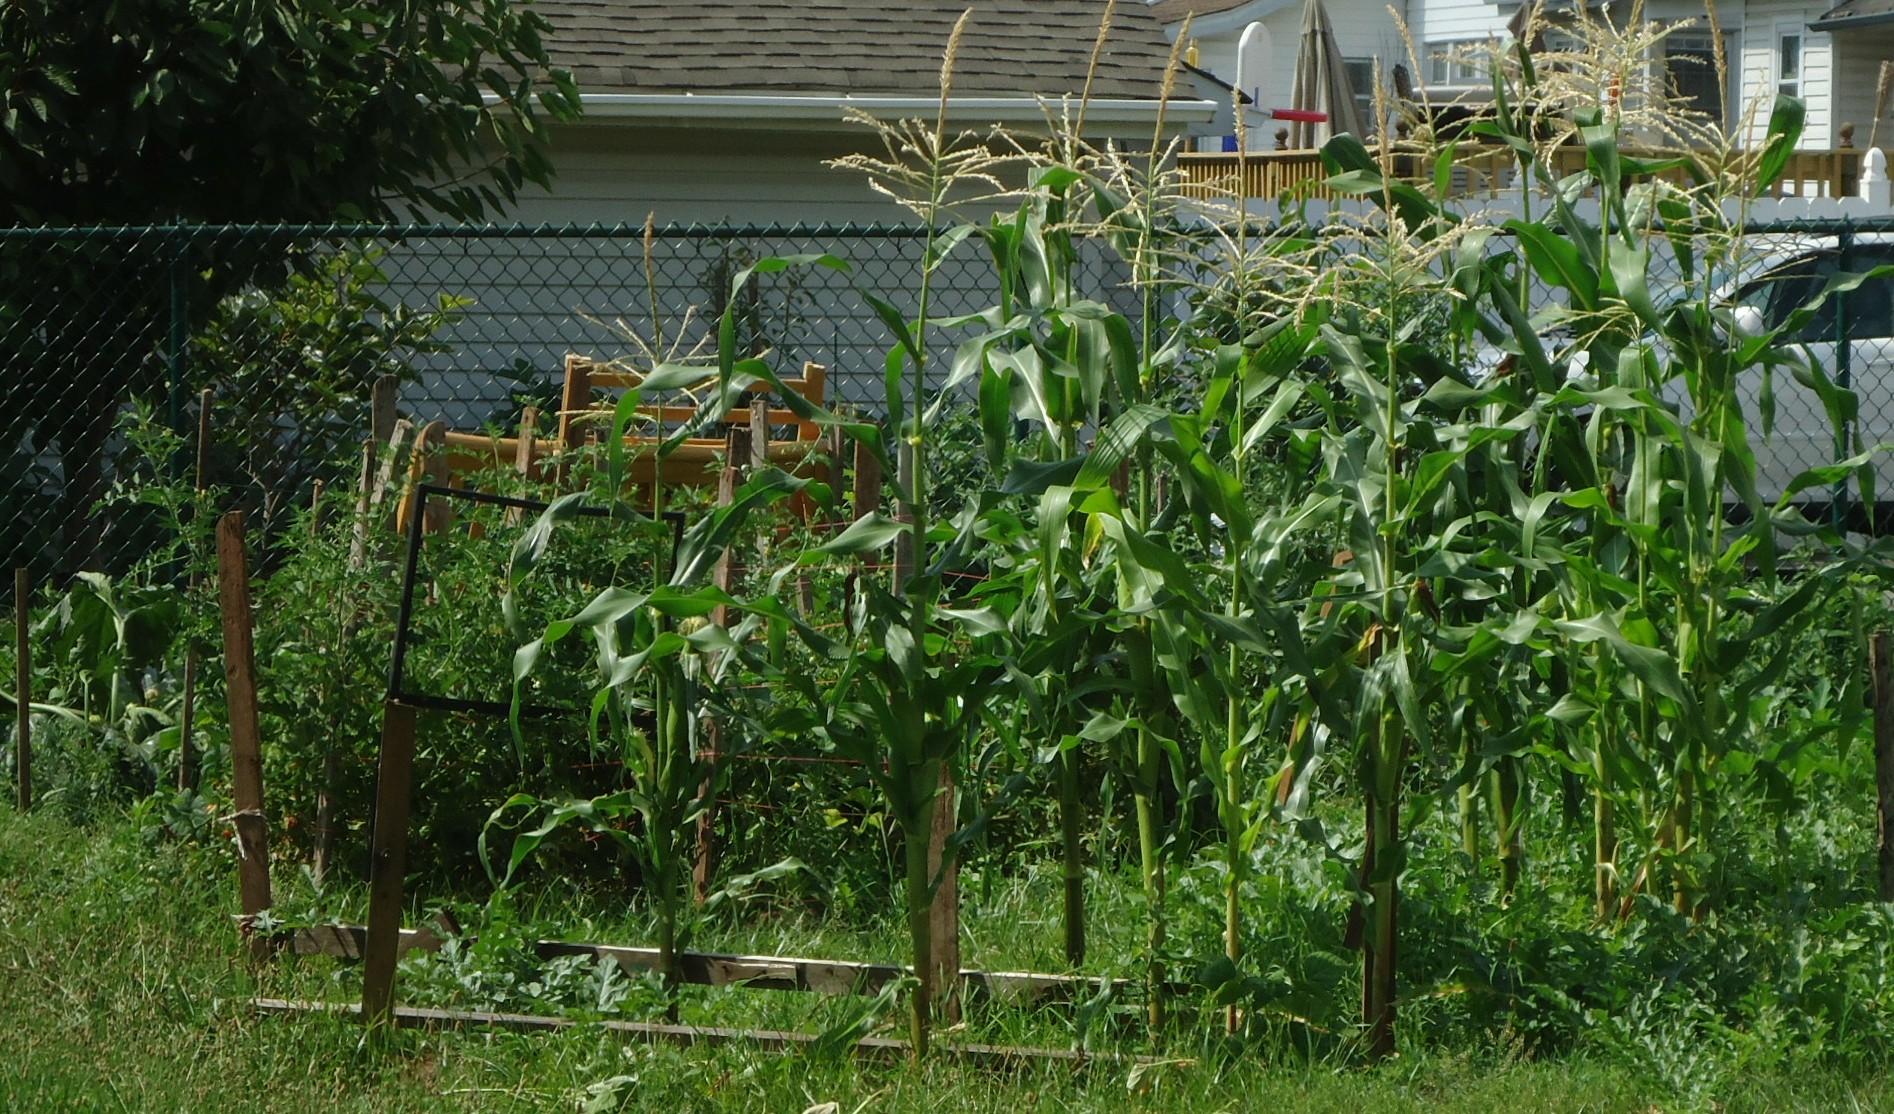 description corn growing in a backyard garden in new